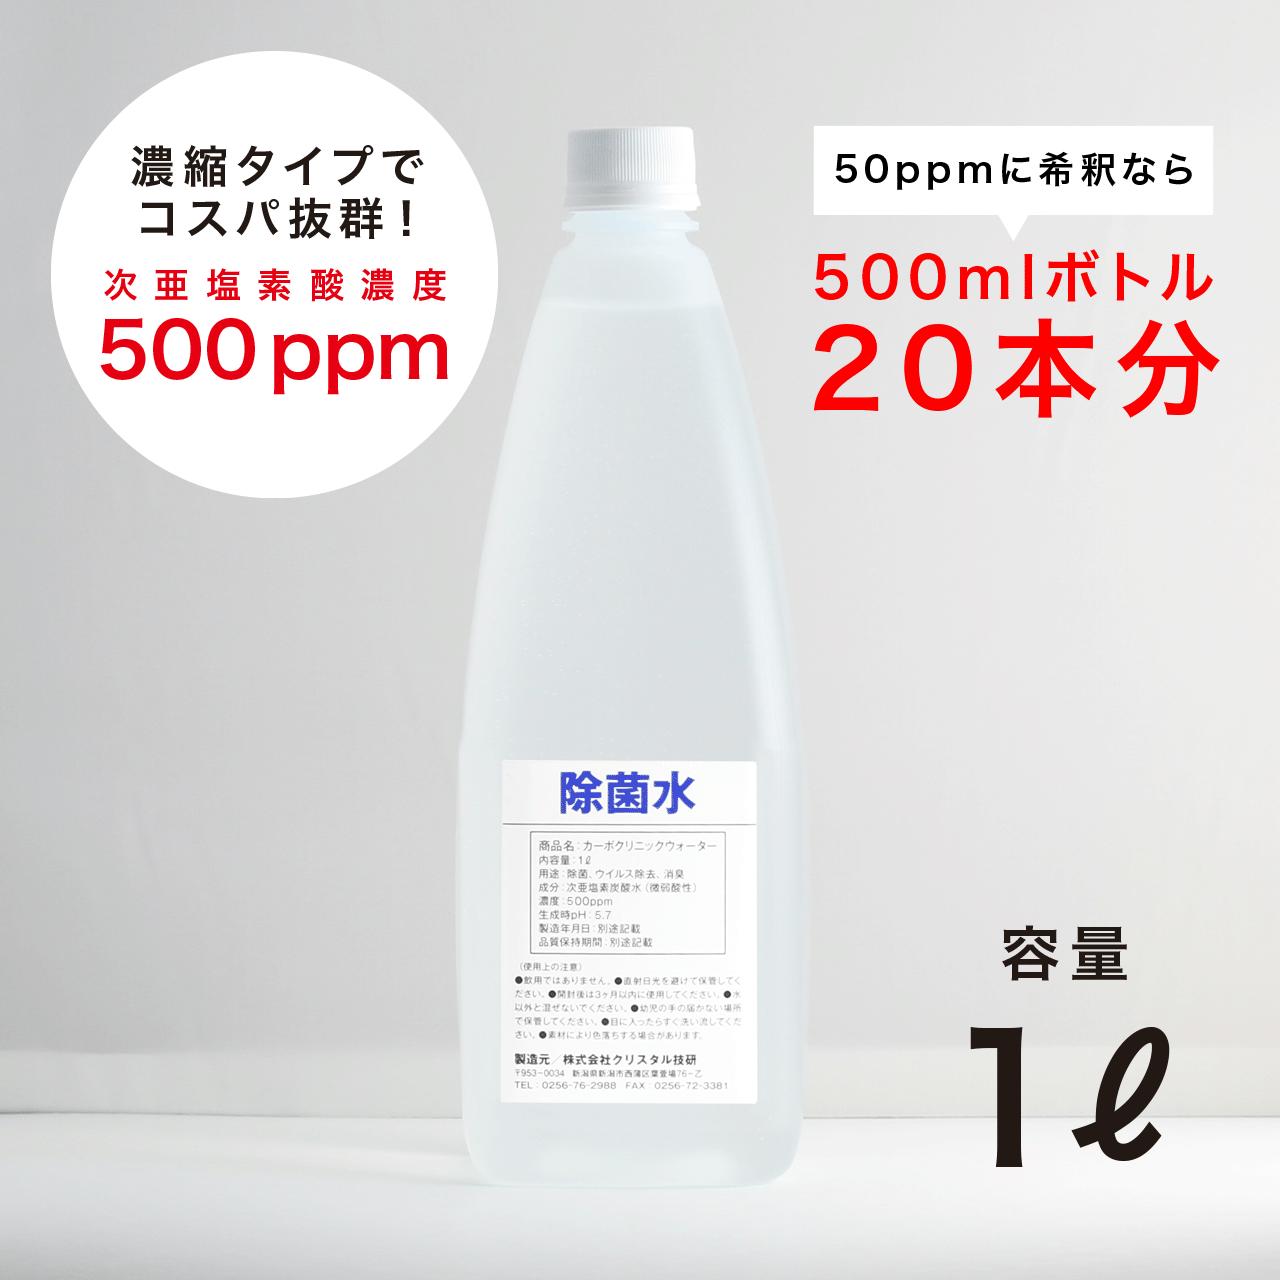 次亜塩素炭酸水 除菌・消臭「カーボクリニックウォーター」500 ppm